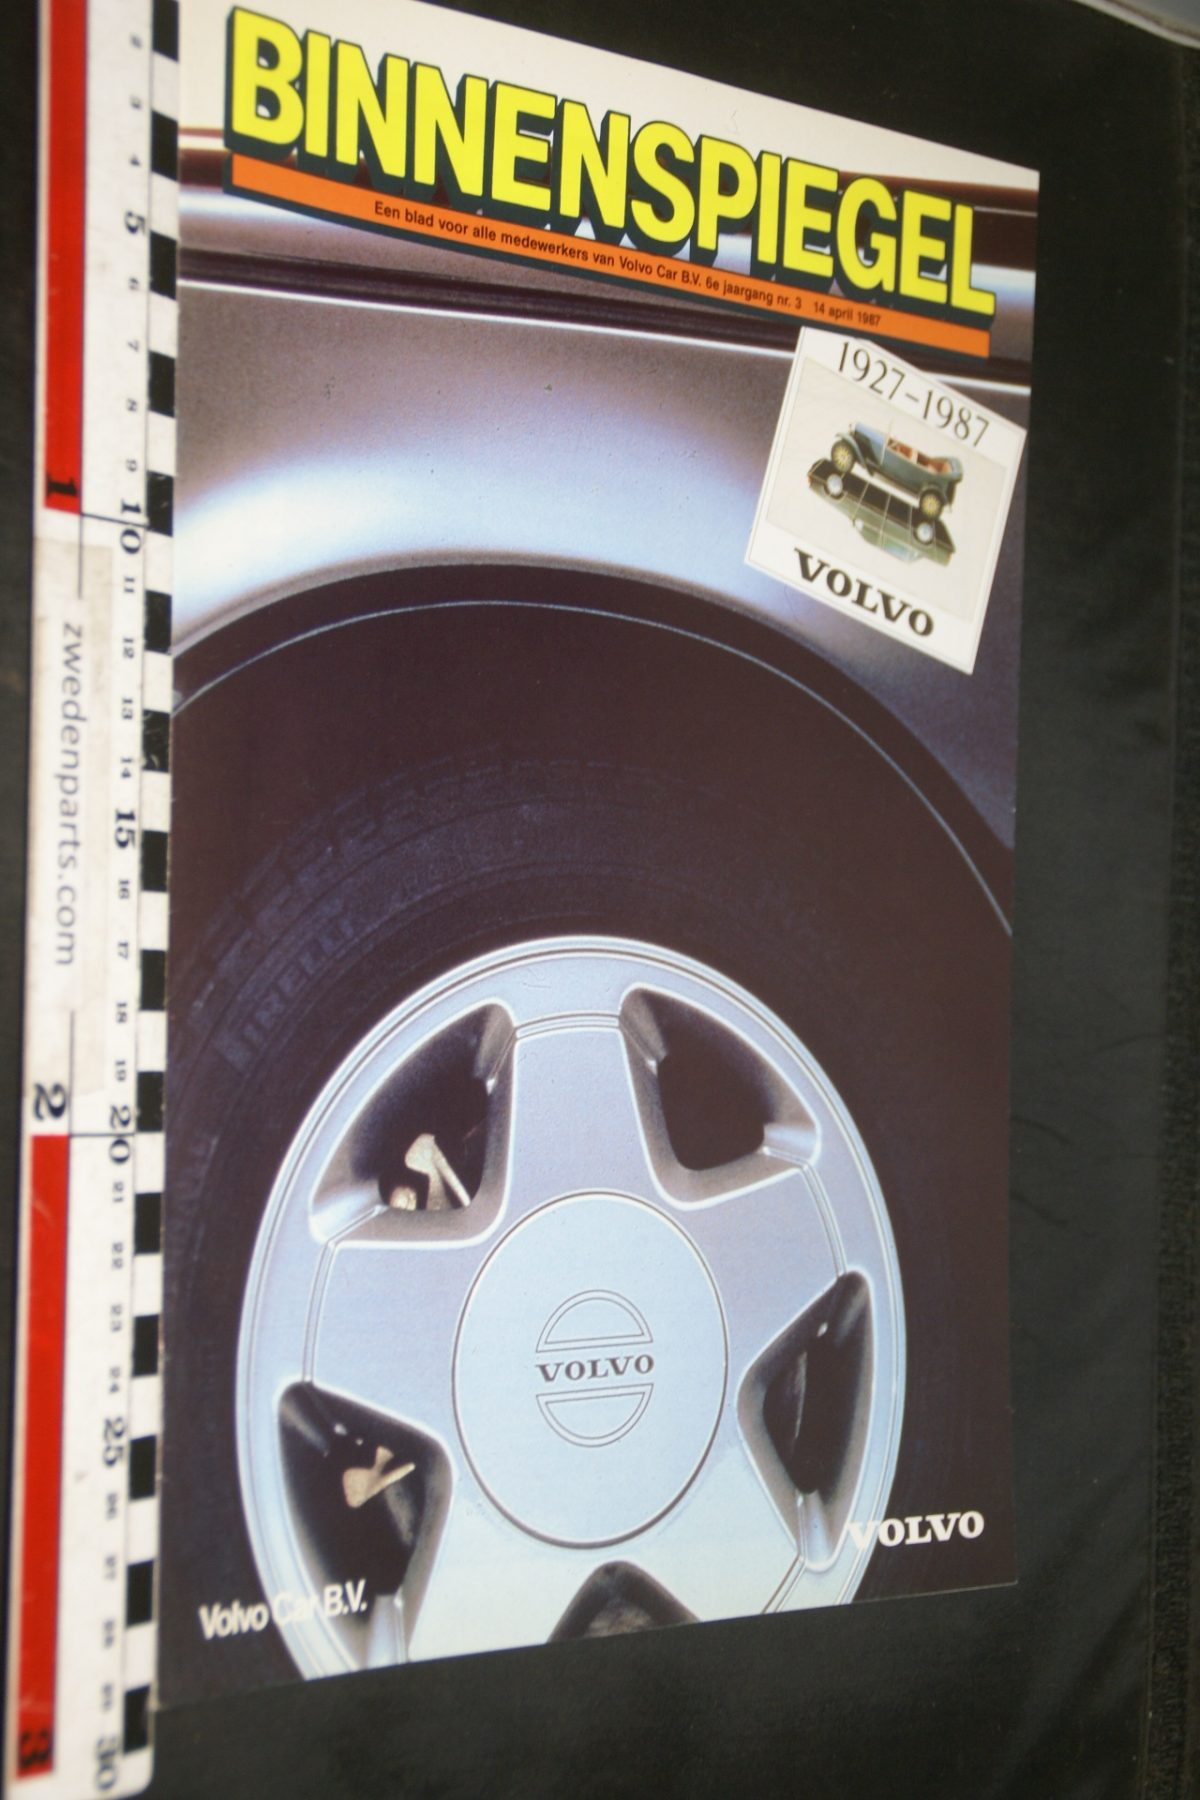 DSC05105 1987 tijdschrift Volvo Binnenspiegel nr 3